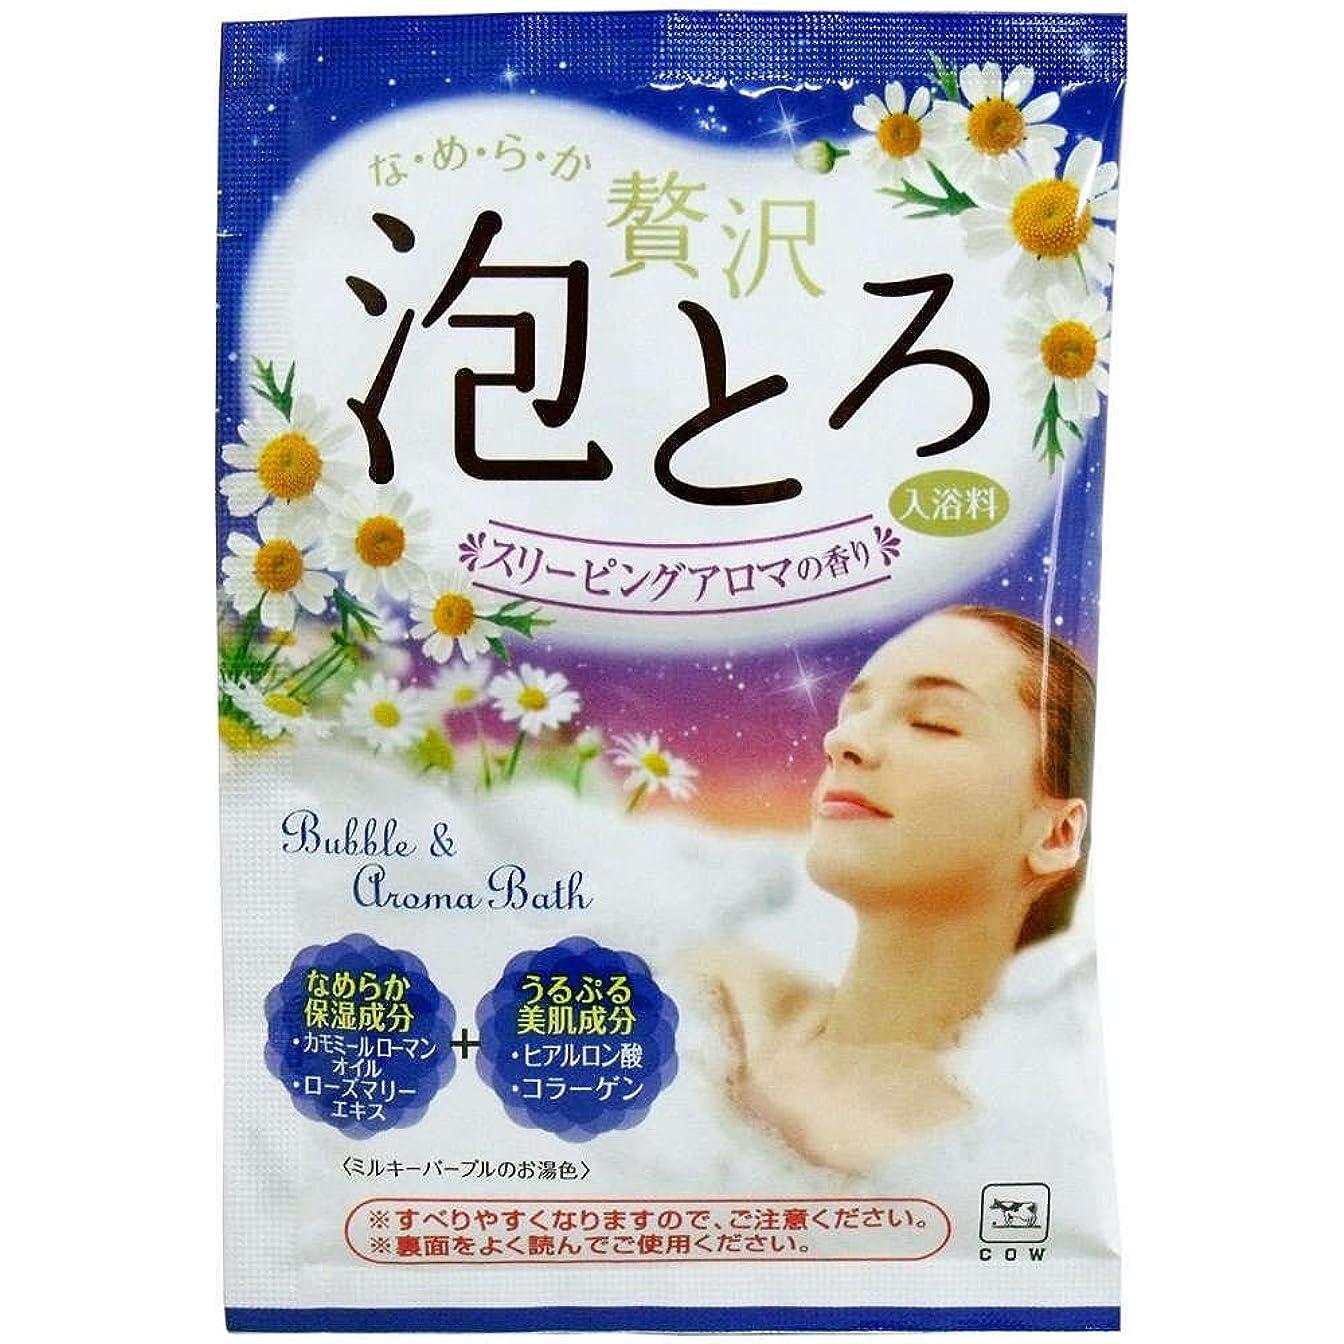 ウナギ規制アンプ牛乳石鹸共進社 お湯物語 贅沢泡とろ 入浴料 スリーピングアロマの香り 30g